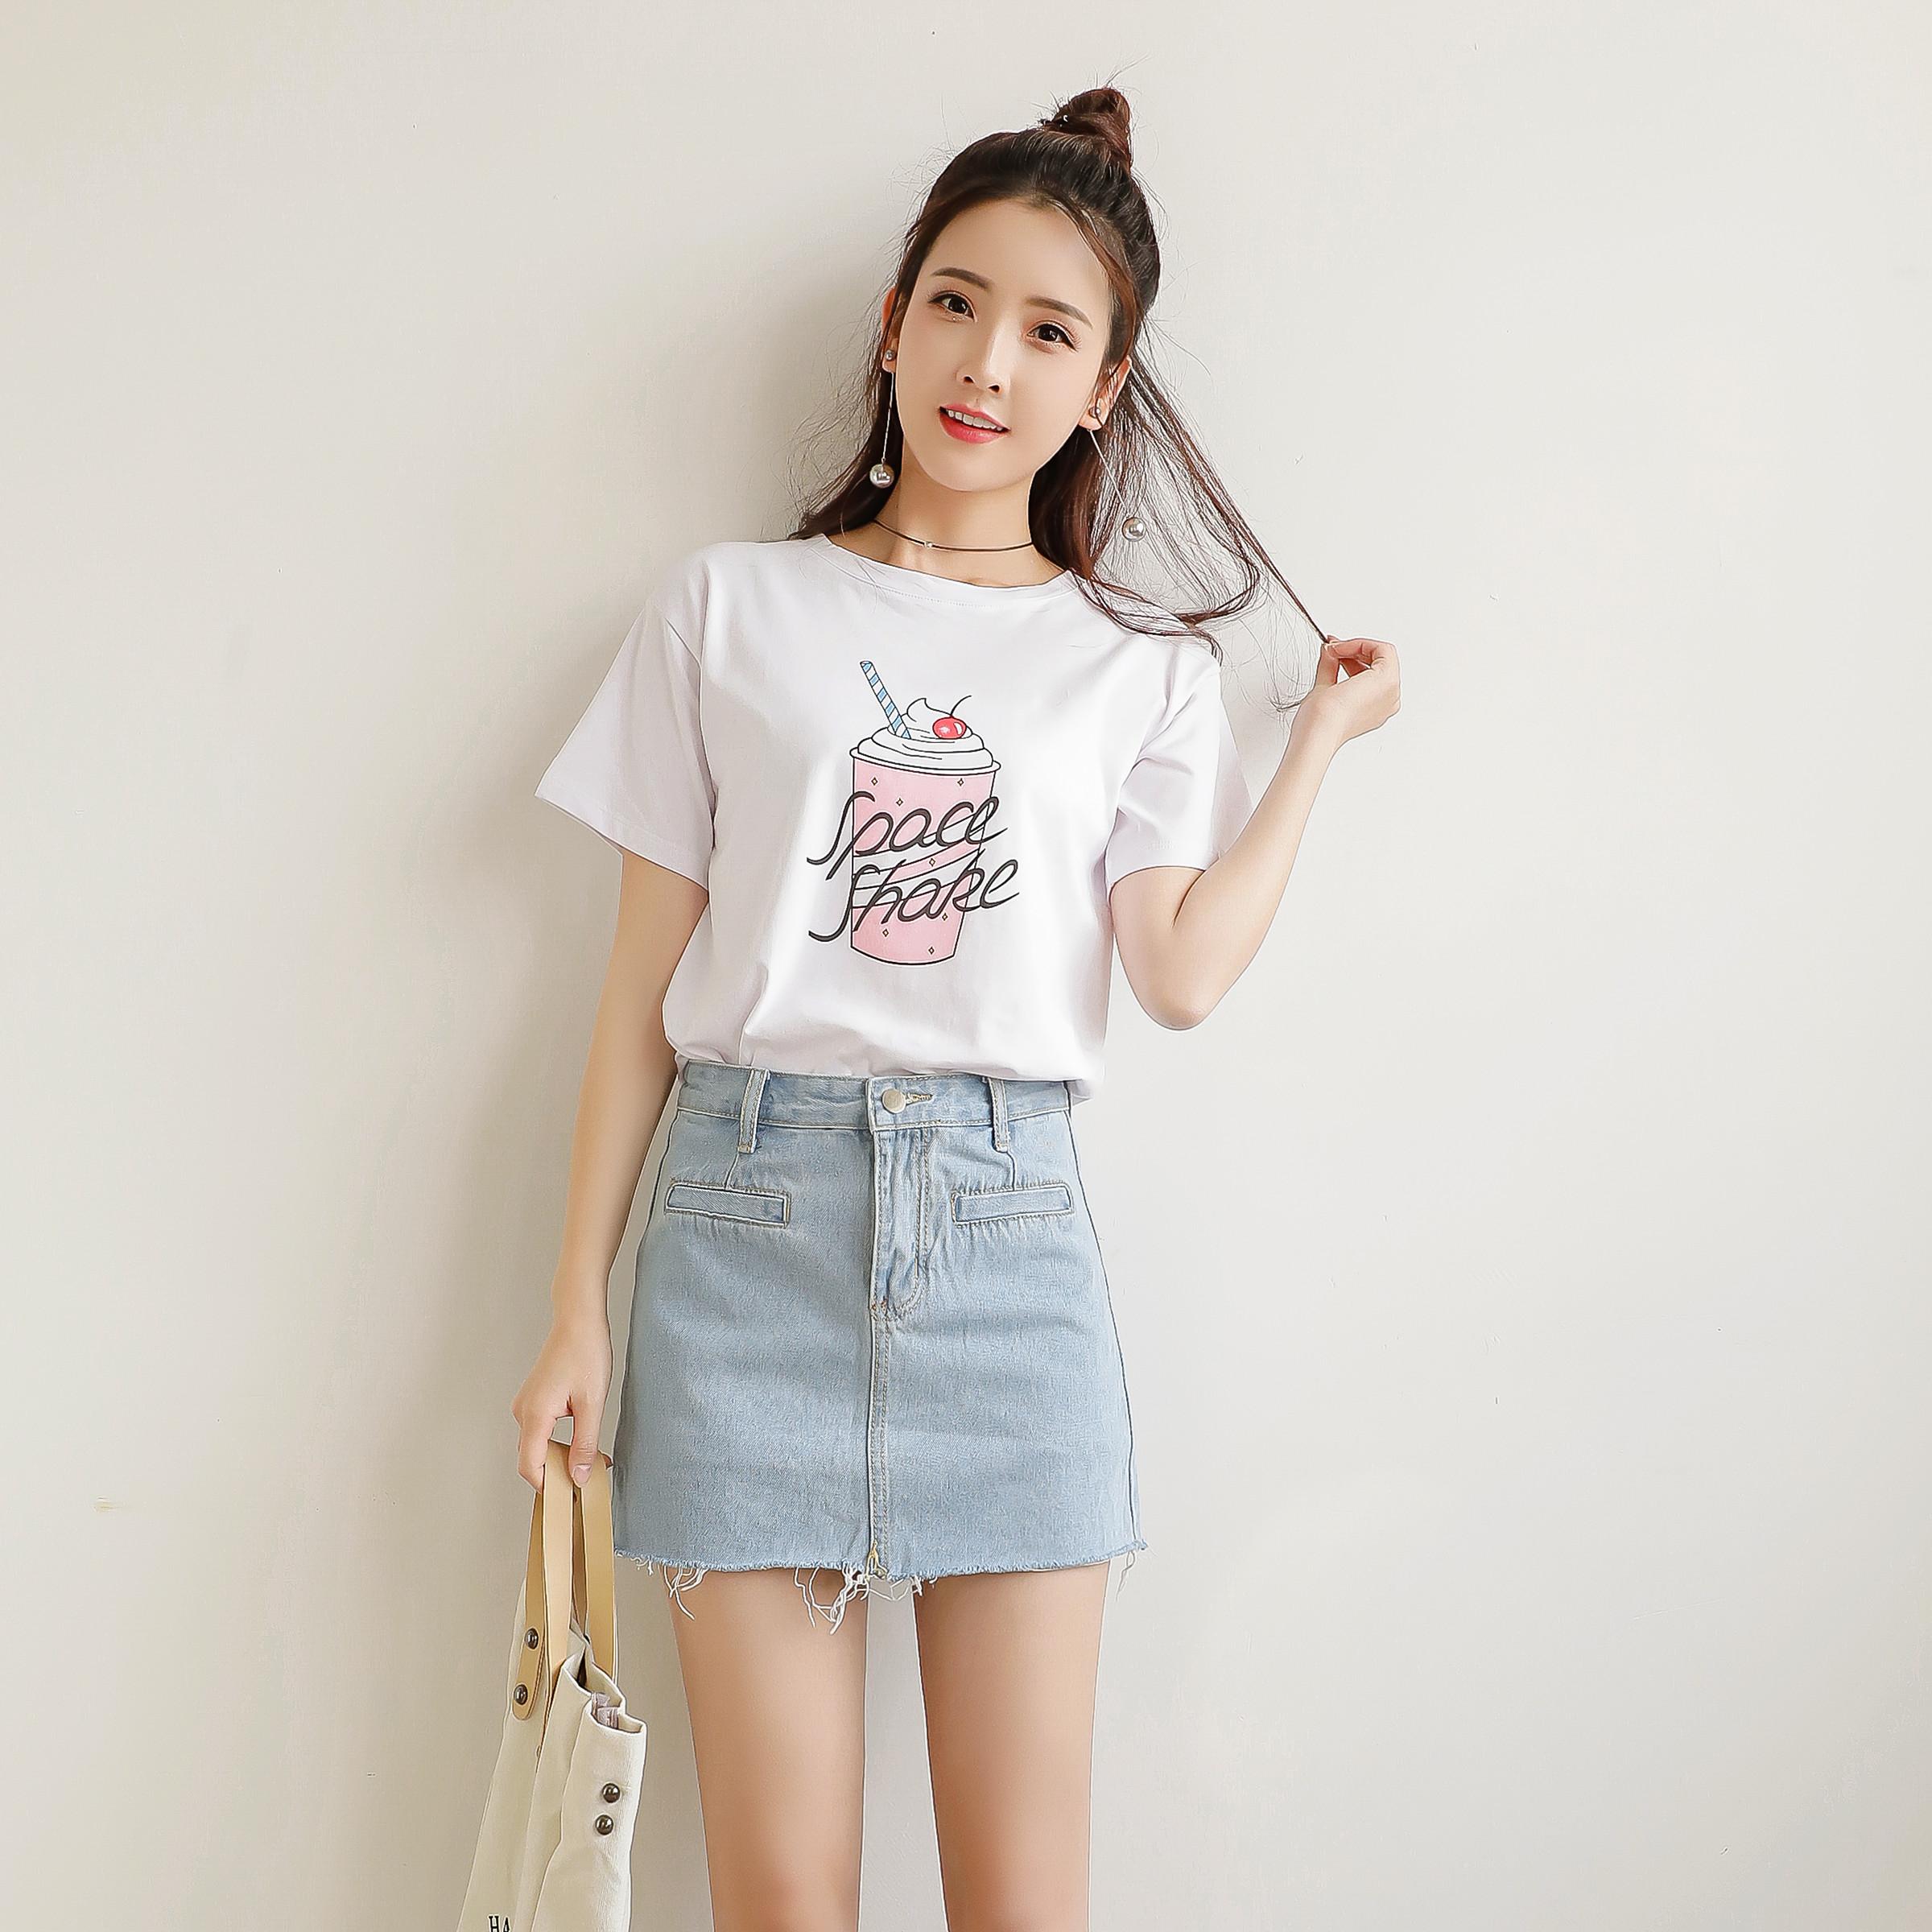 2018夏季女装新款日韩甜美小清新印花图案圆领短袖T恤衫百搭学生